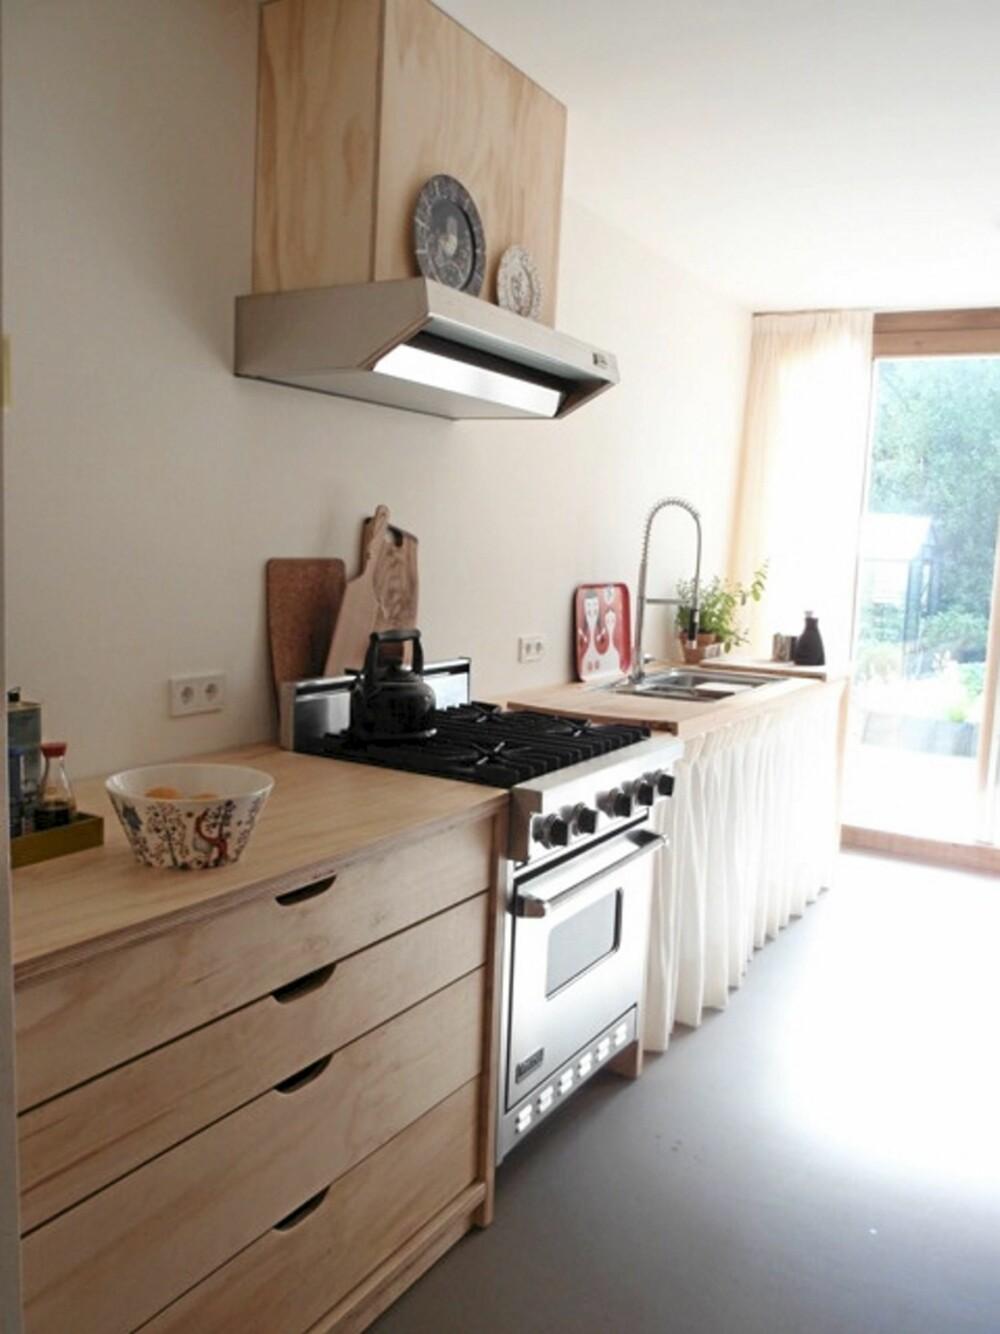 KJØKKEN: Også kjøkkenet er i tre og har et rent og naturlig uttrykk